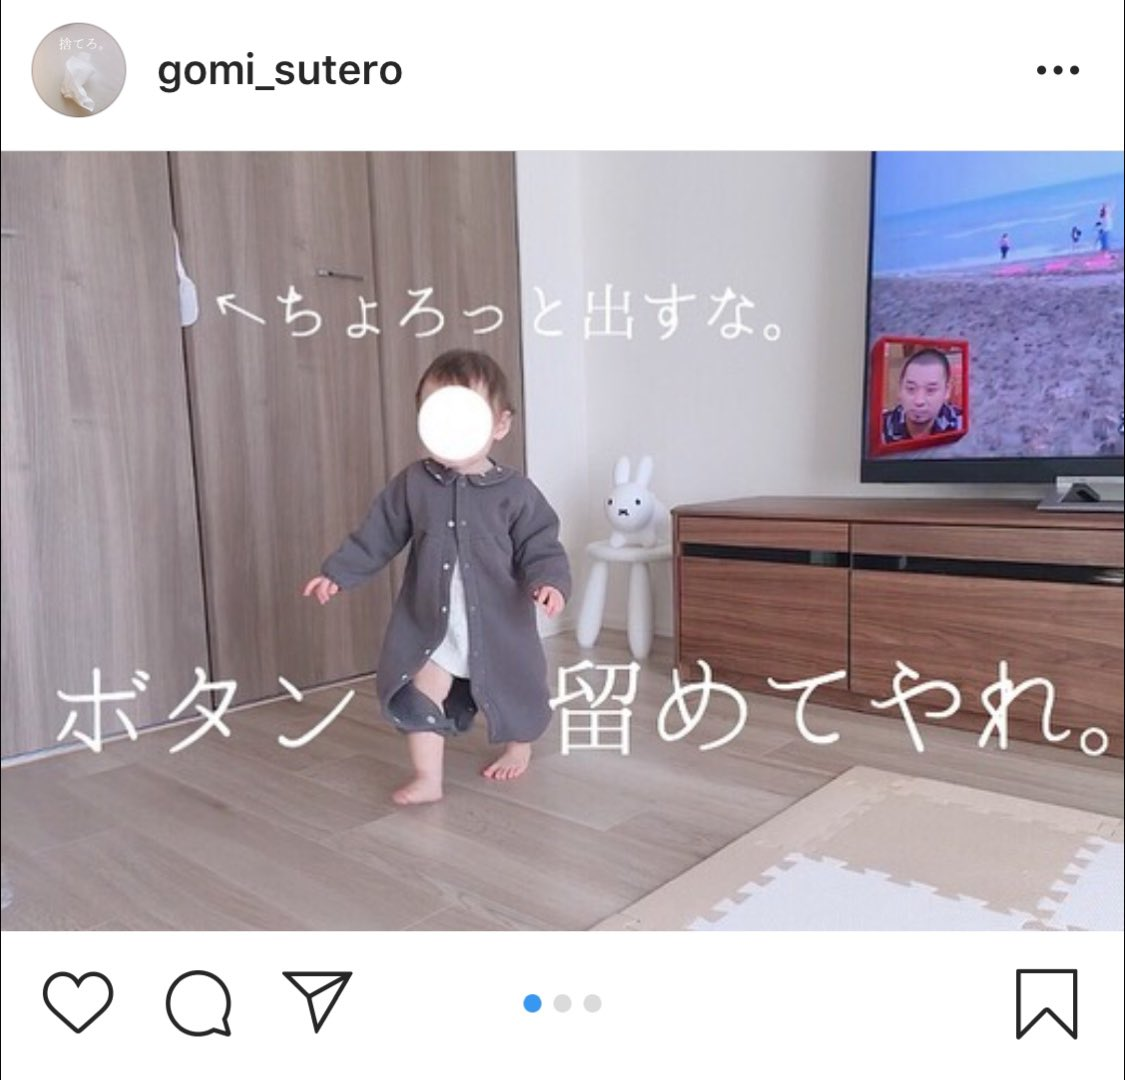 テメー ドングリ トトロ 自演乙カレンダー 羽目に関連した画像-04